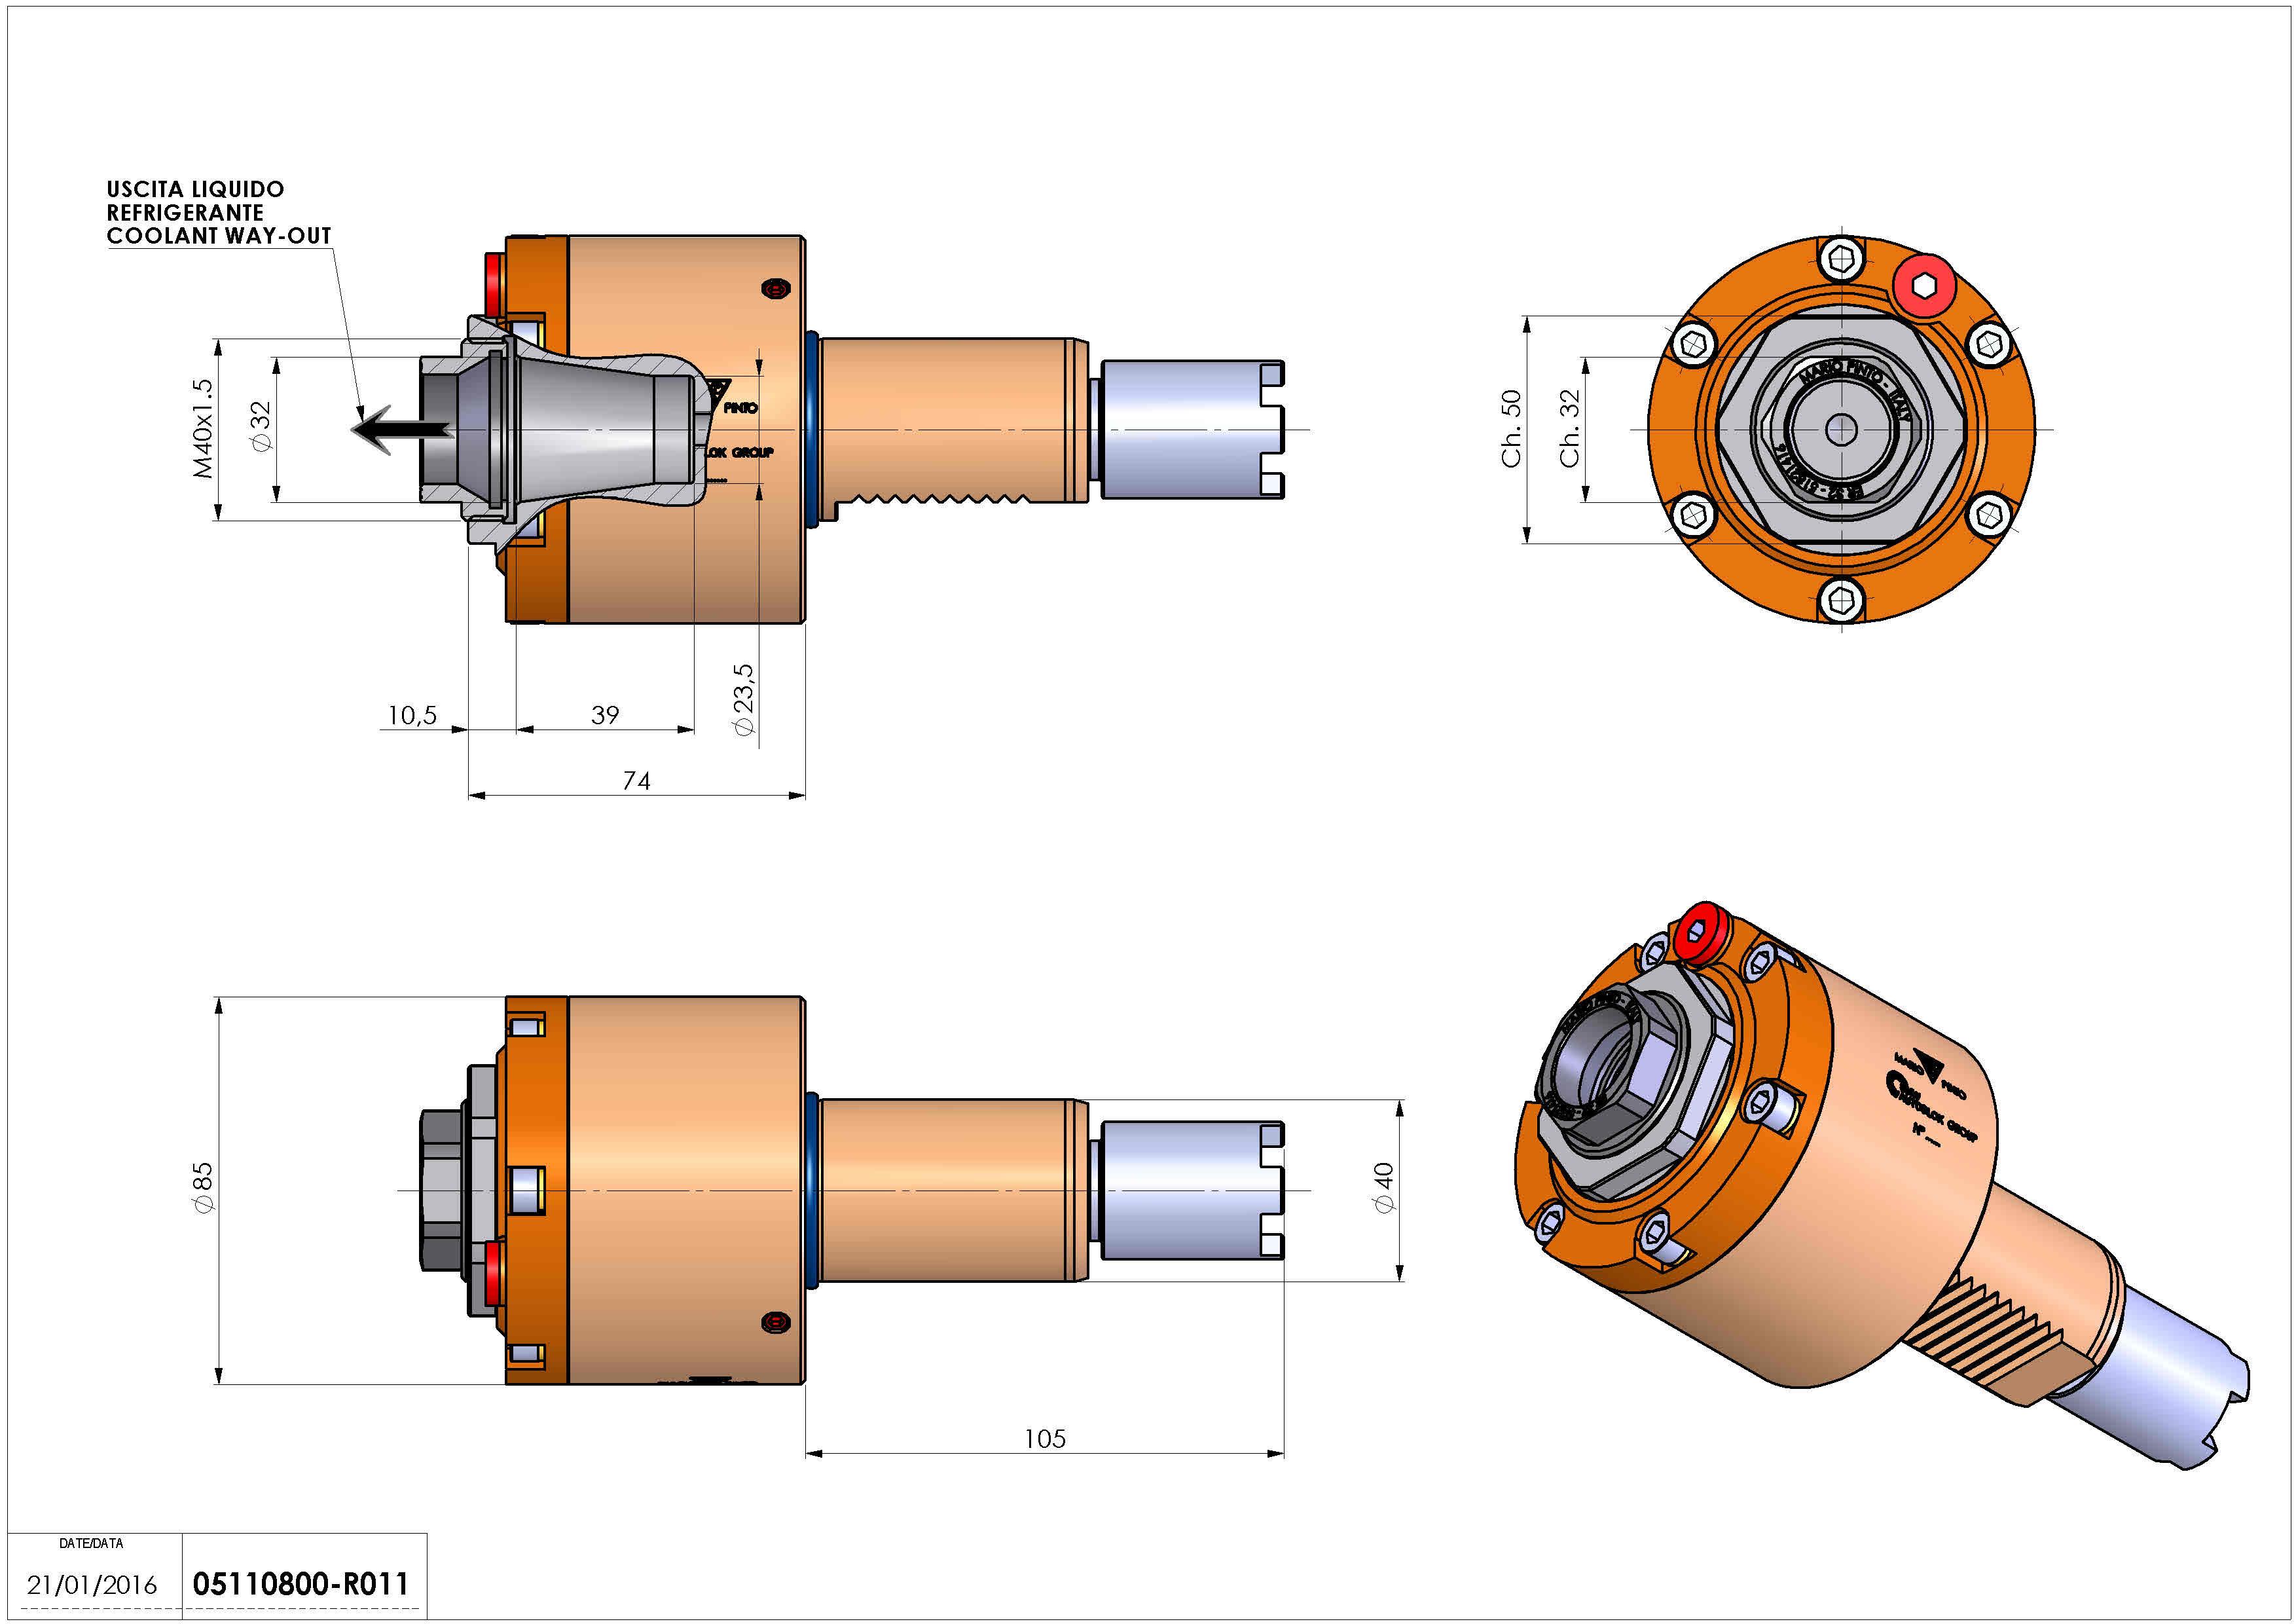 Technical image - LT-S VDI40 ER32F RF H74 105 HA.